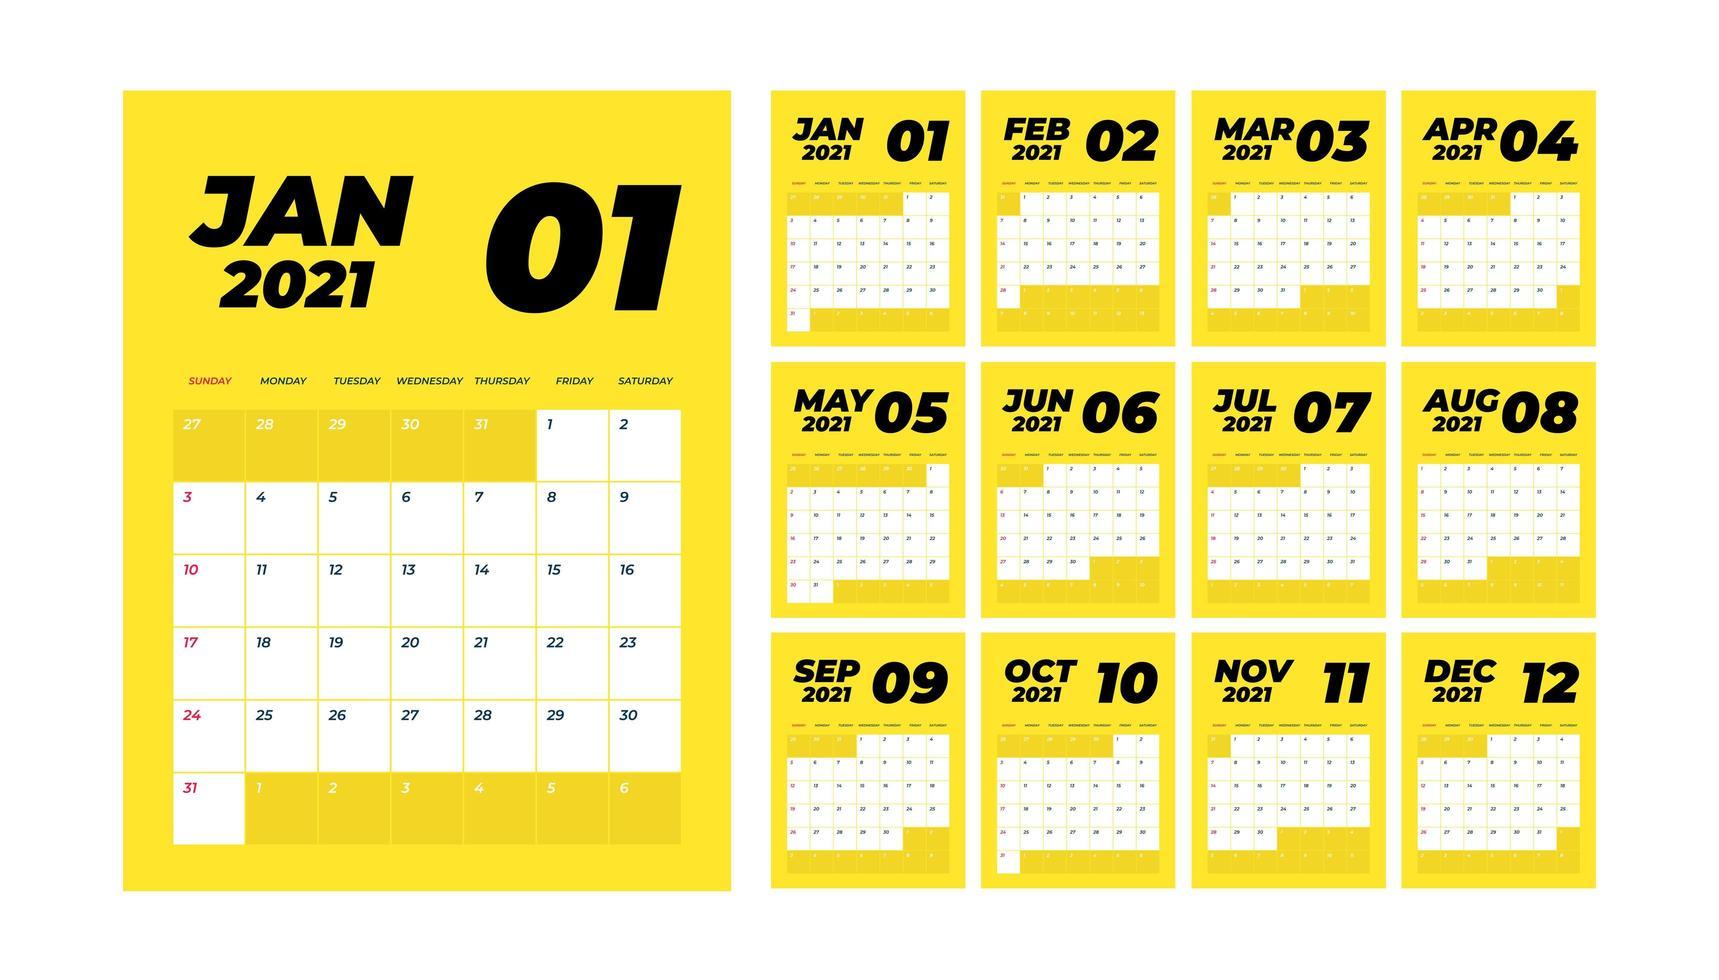 calendario da tavolo mensile per l'anno 2021 vettore